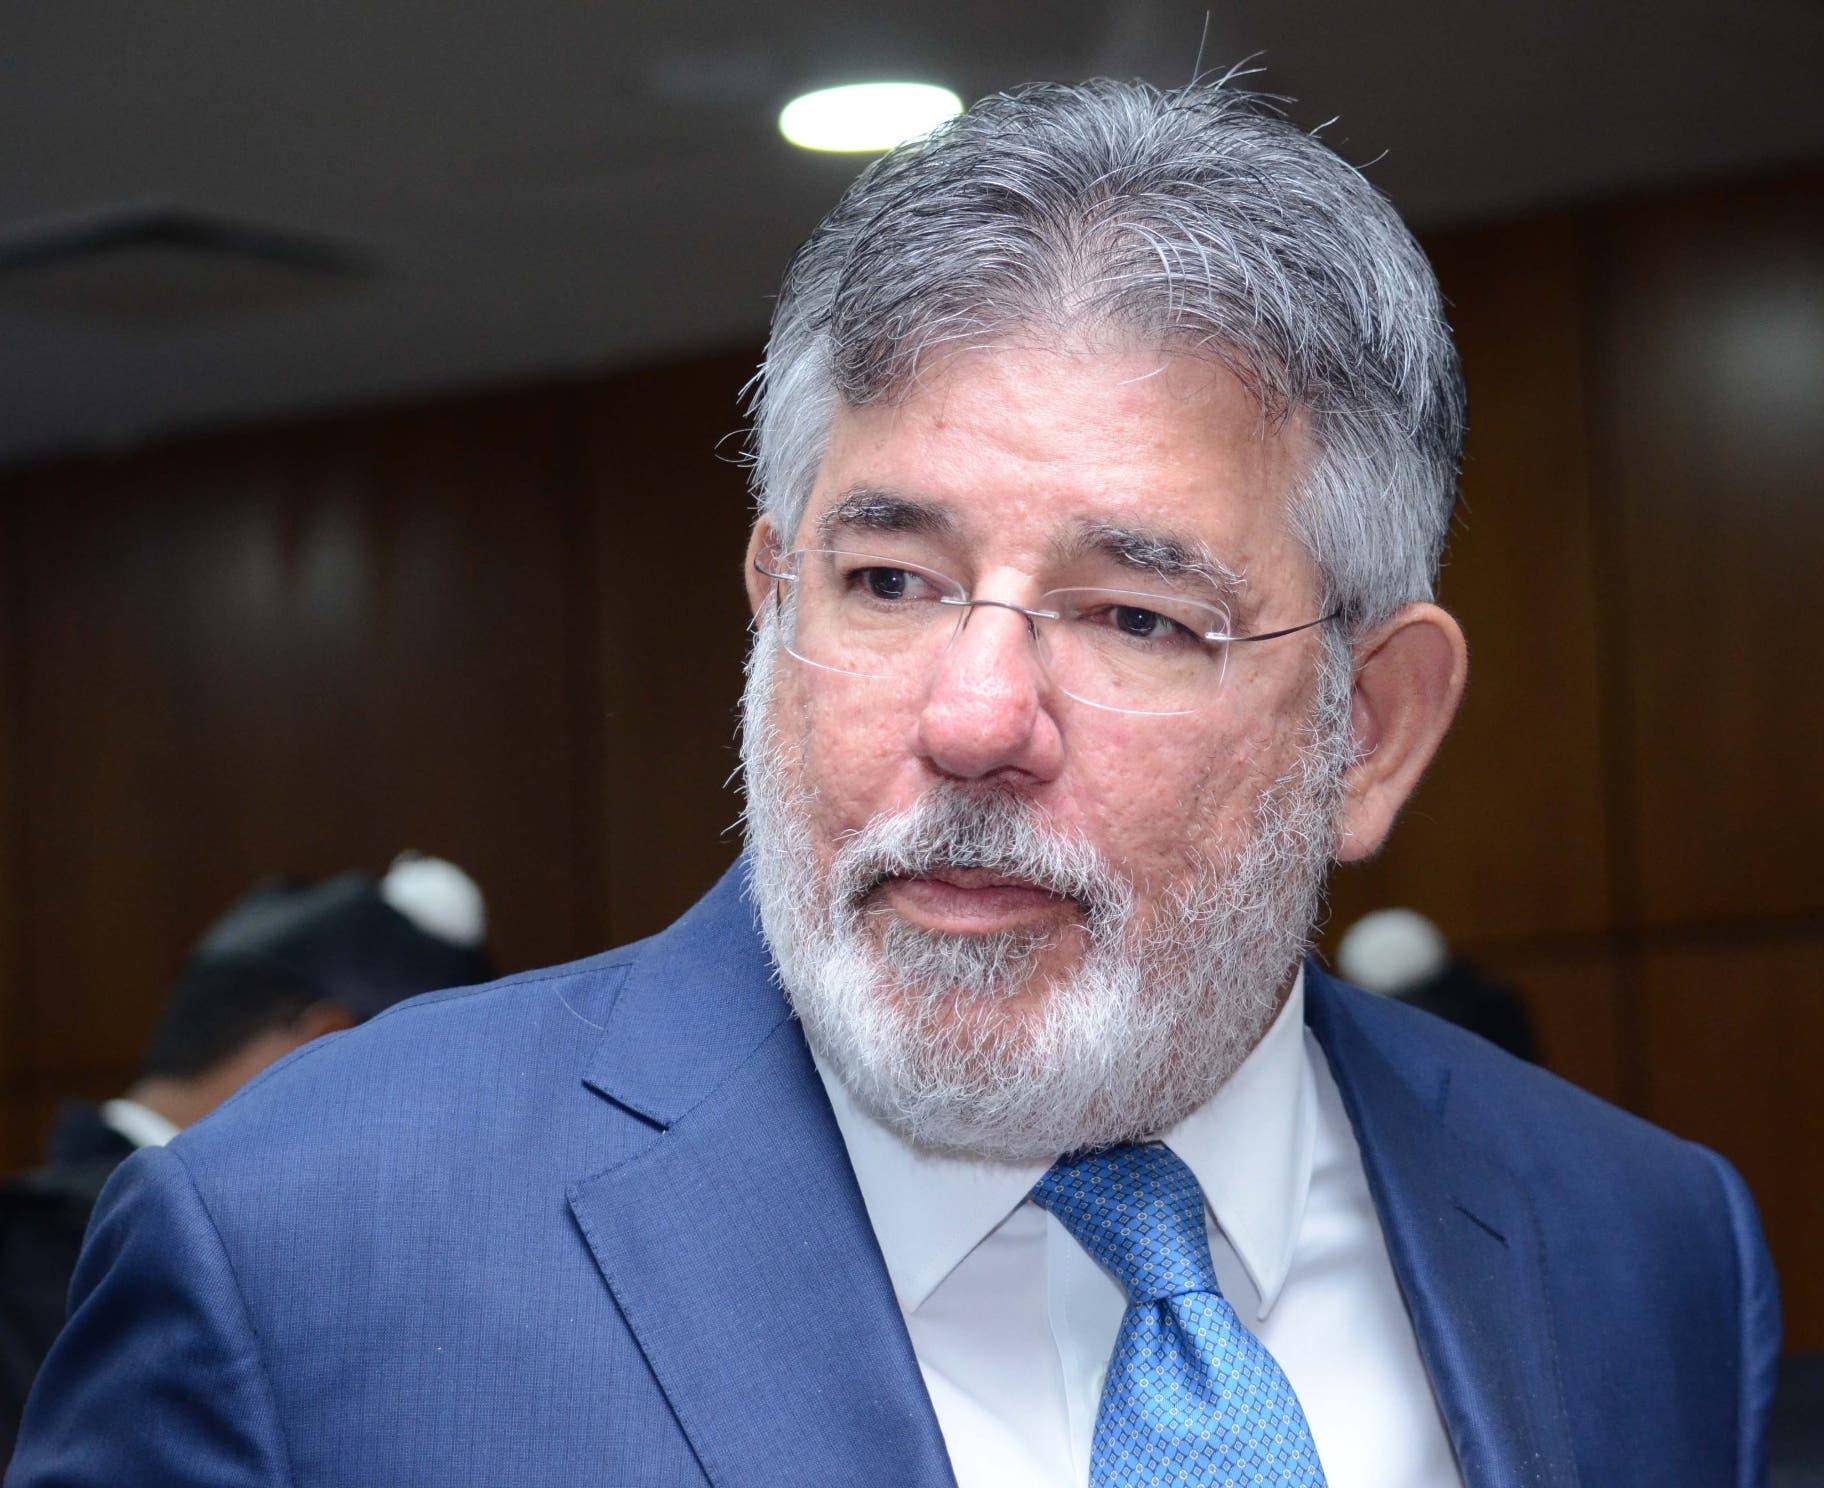 Tribunal halla culpable a Víctor Díaz Rúa de lavado de activos en caso odebrecht